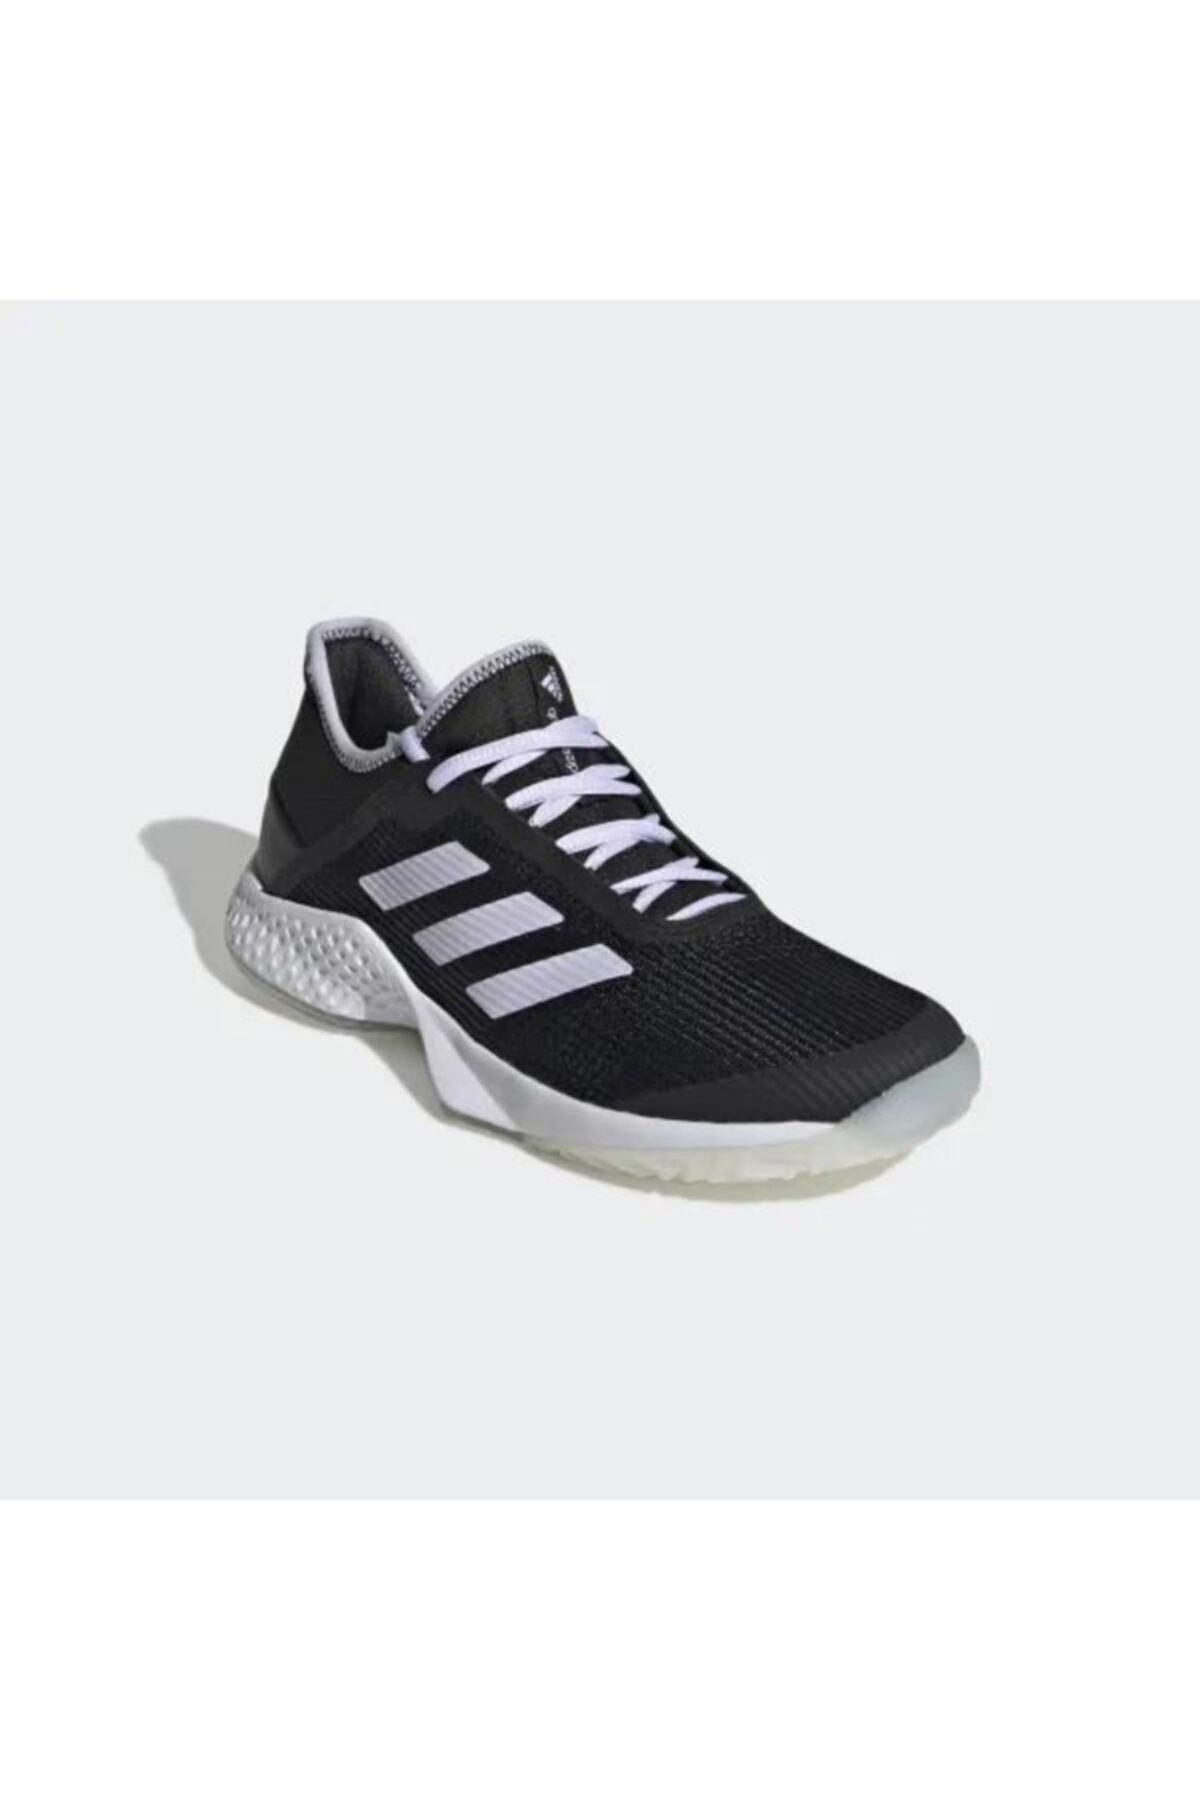 Ef2775 Adizero Club Kadın Siyah Tenis Ayakkabısı